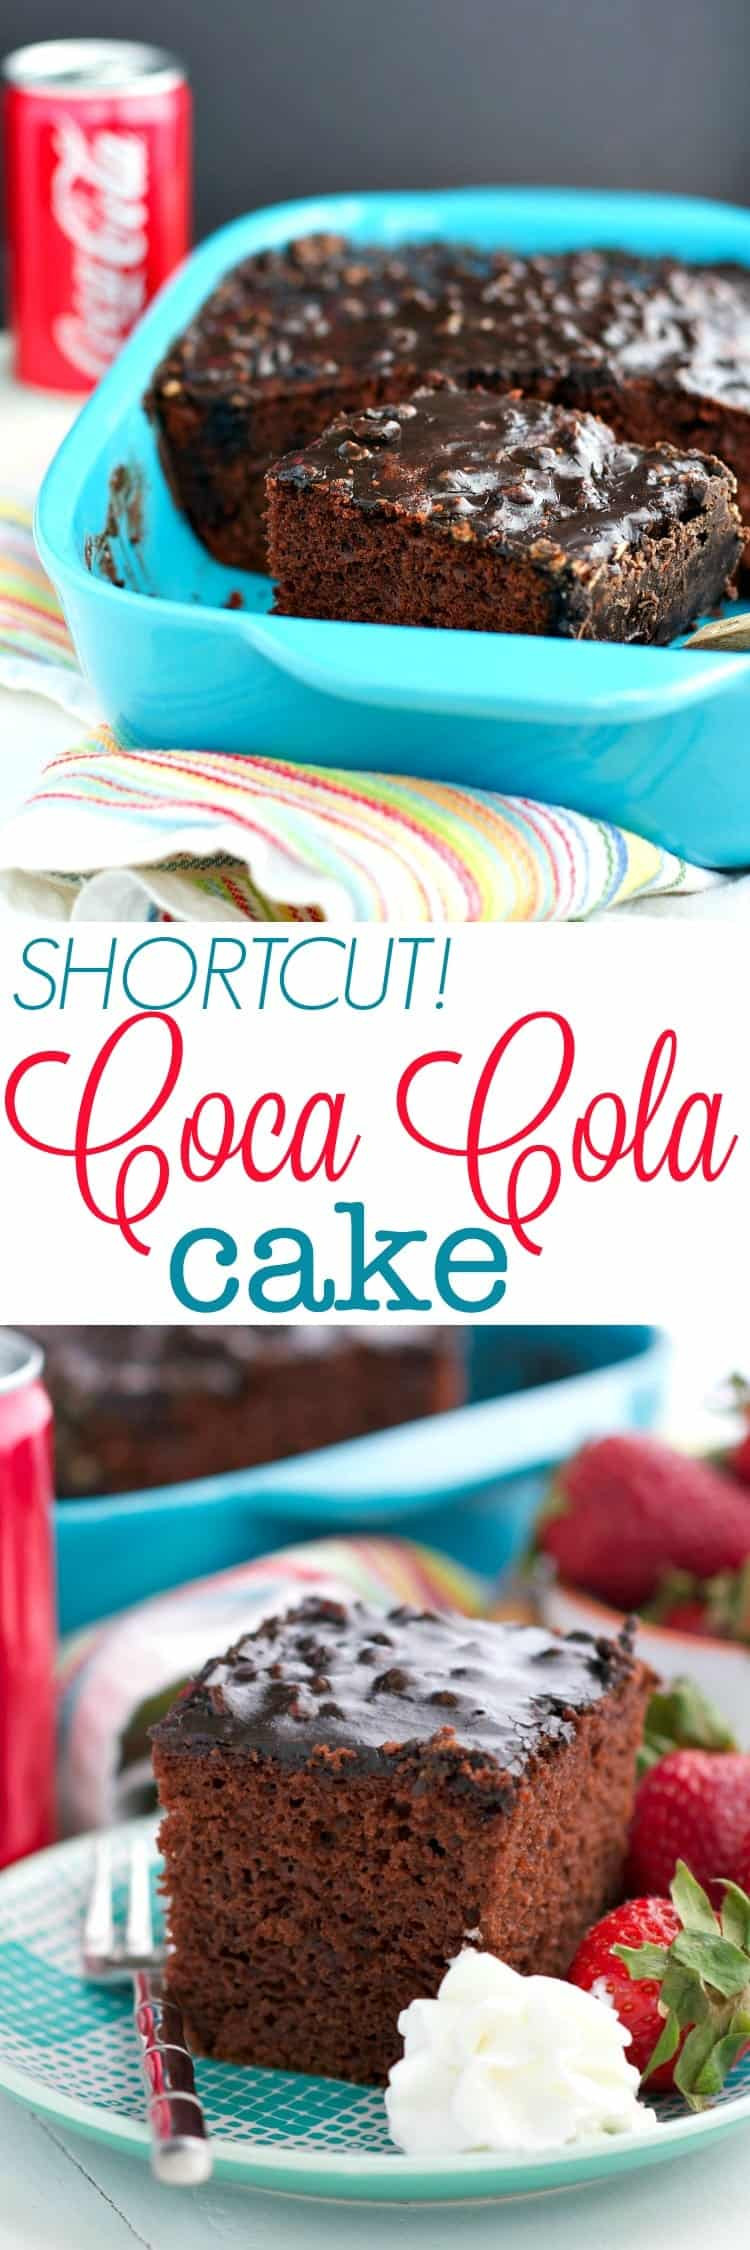 Coca Cola Cake Recipe  Coca Cola Cake Recipe — Dishmaps